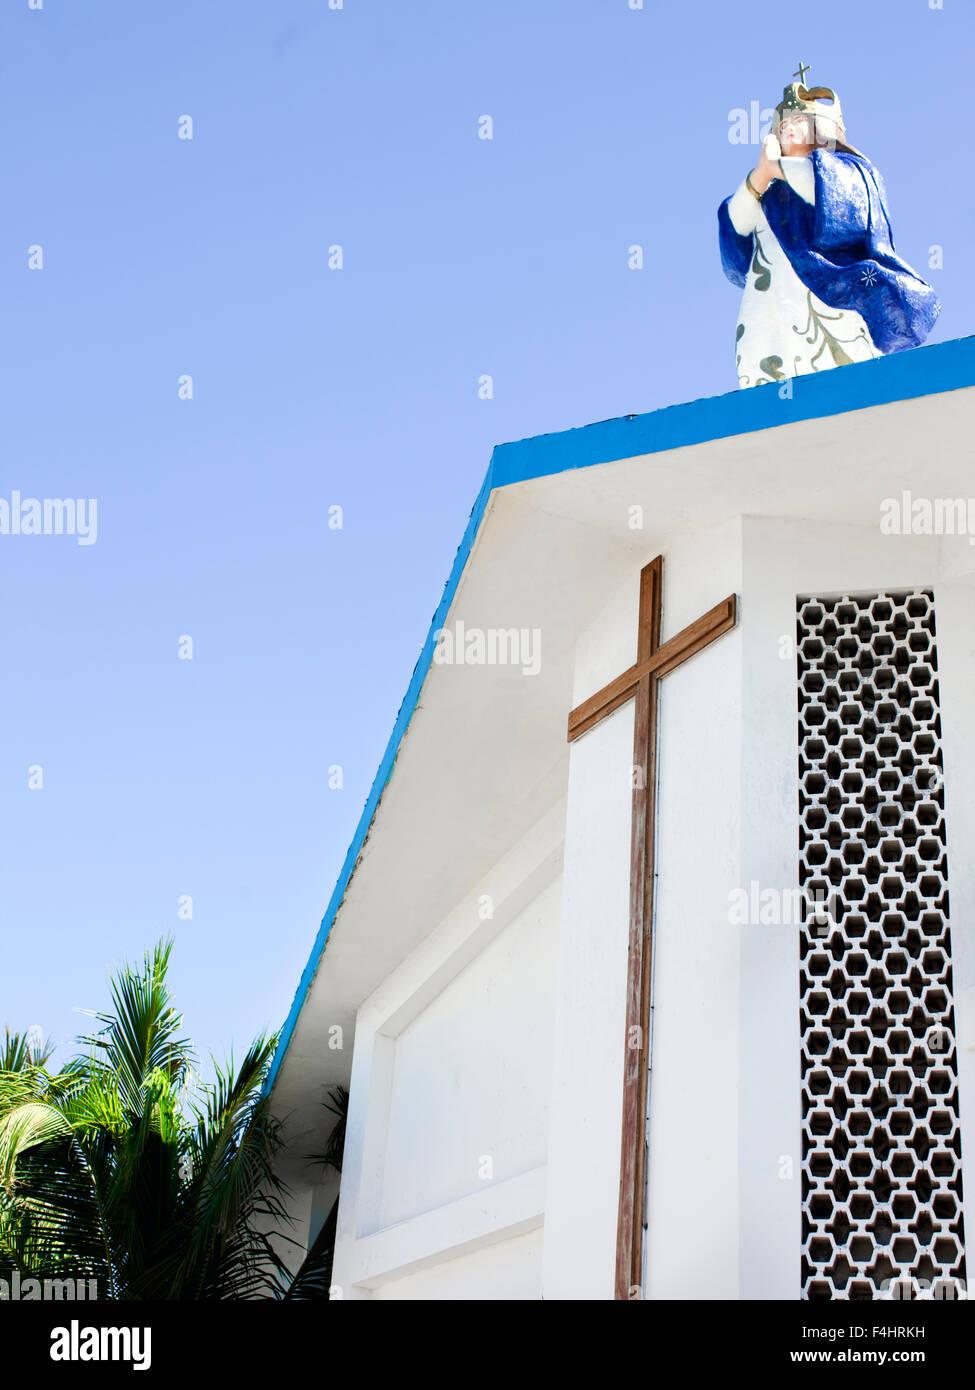 Statue der Jungfrau Maria auf dem Dach der Kirche der Unbefleckten Empfängnis Mariens, Isla Mujeres, Mexiko Stockbild